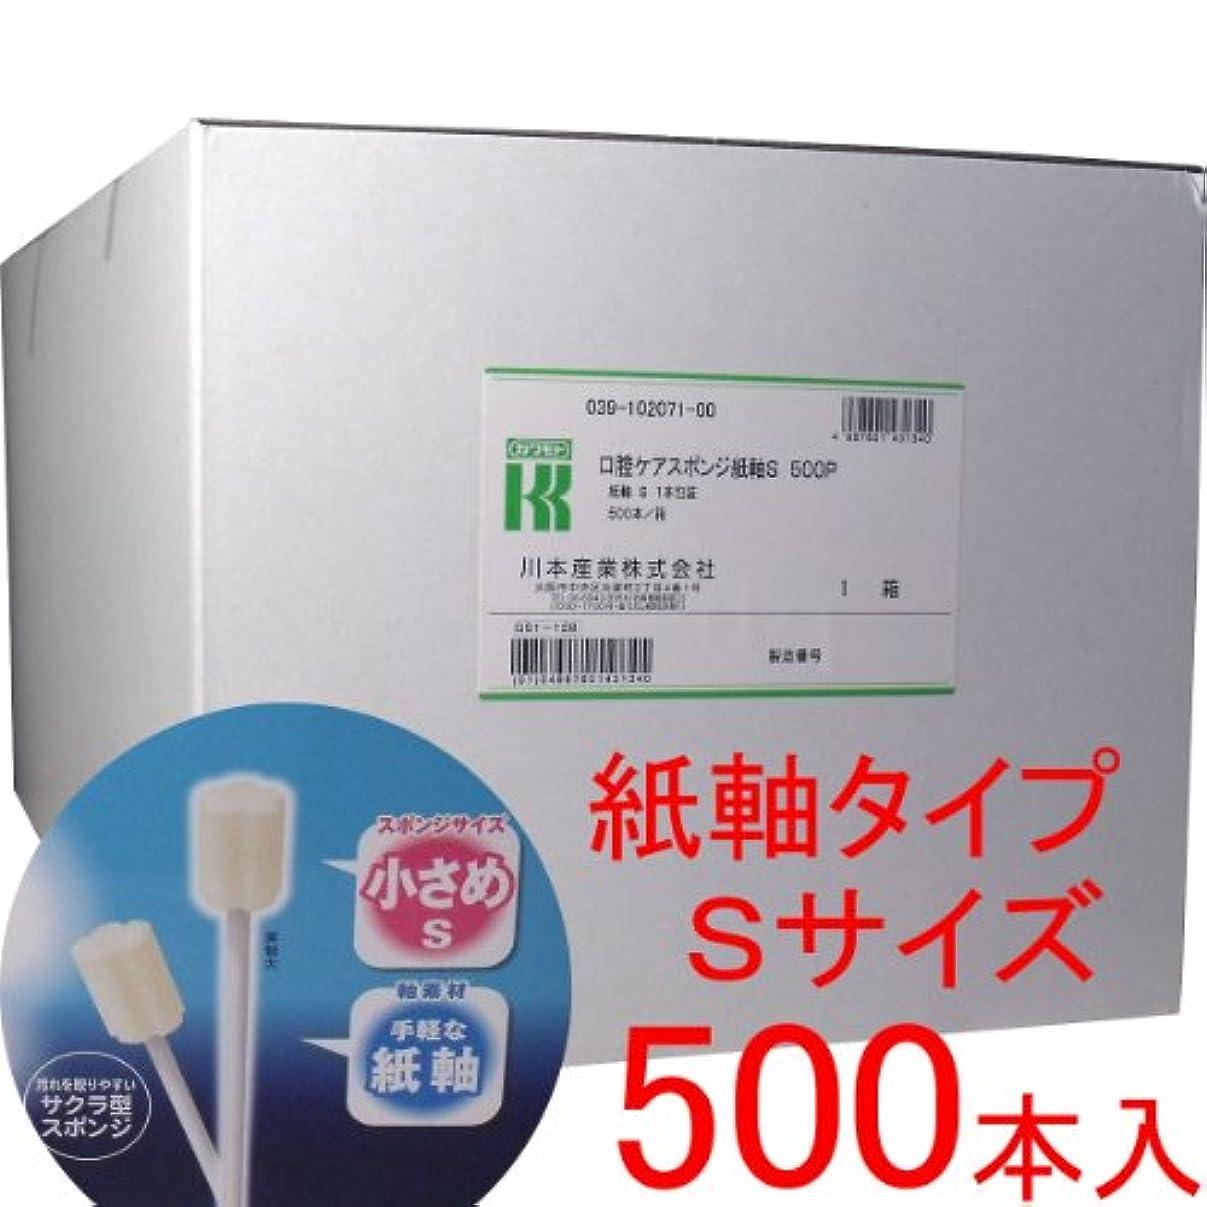 インフレーション犠牲数値業務用マウスピュア 口腔ケアスポンジ 紙軸 Sサイズ 500本入